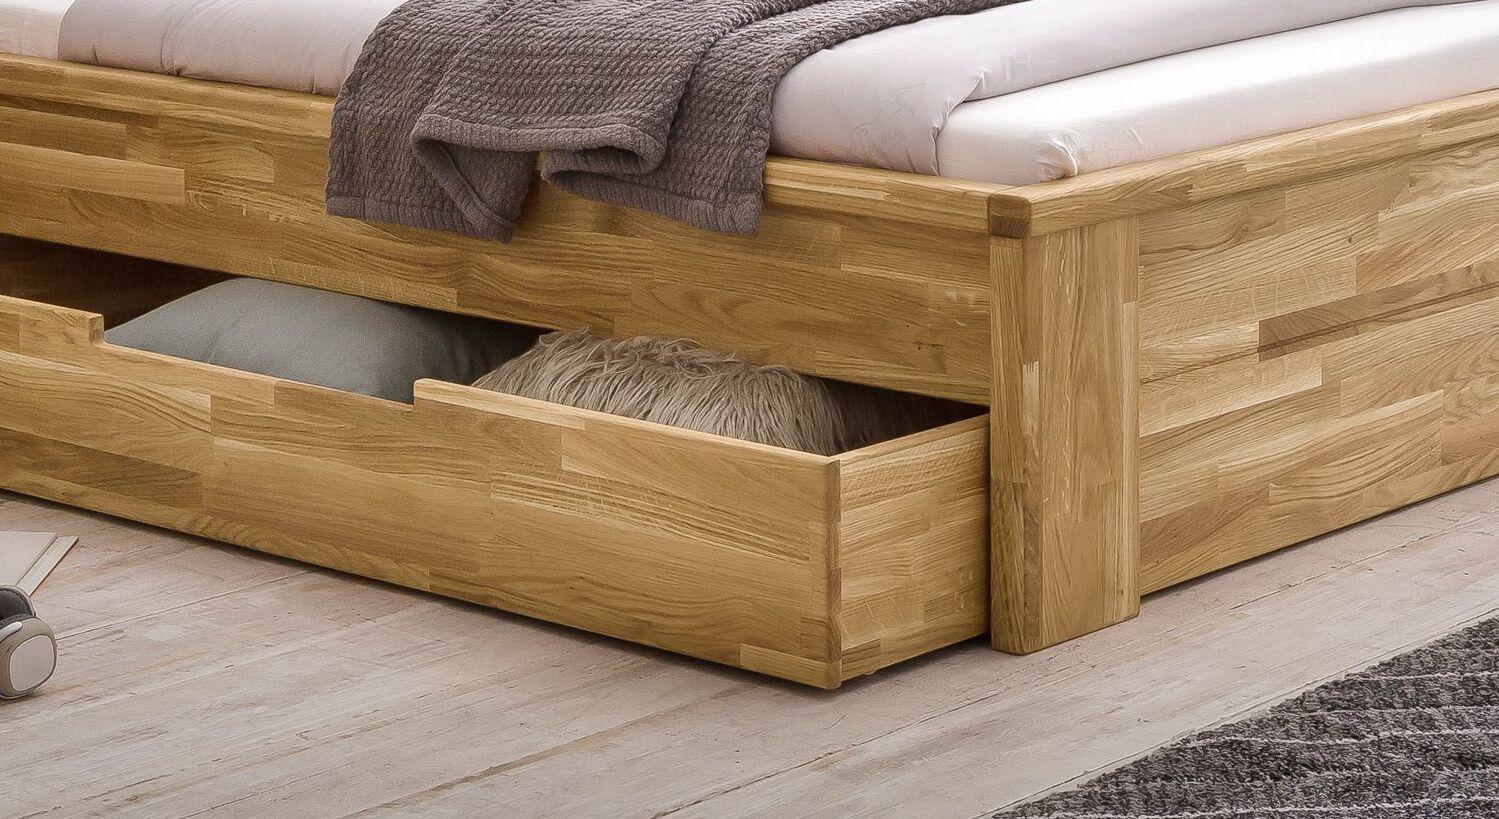 Schubkasten-Bett Sumak mit passgenauen Bettkästen